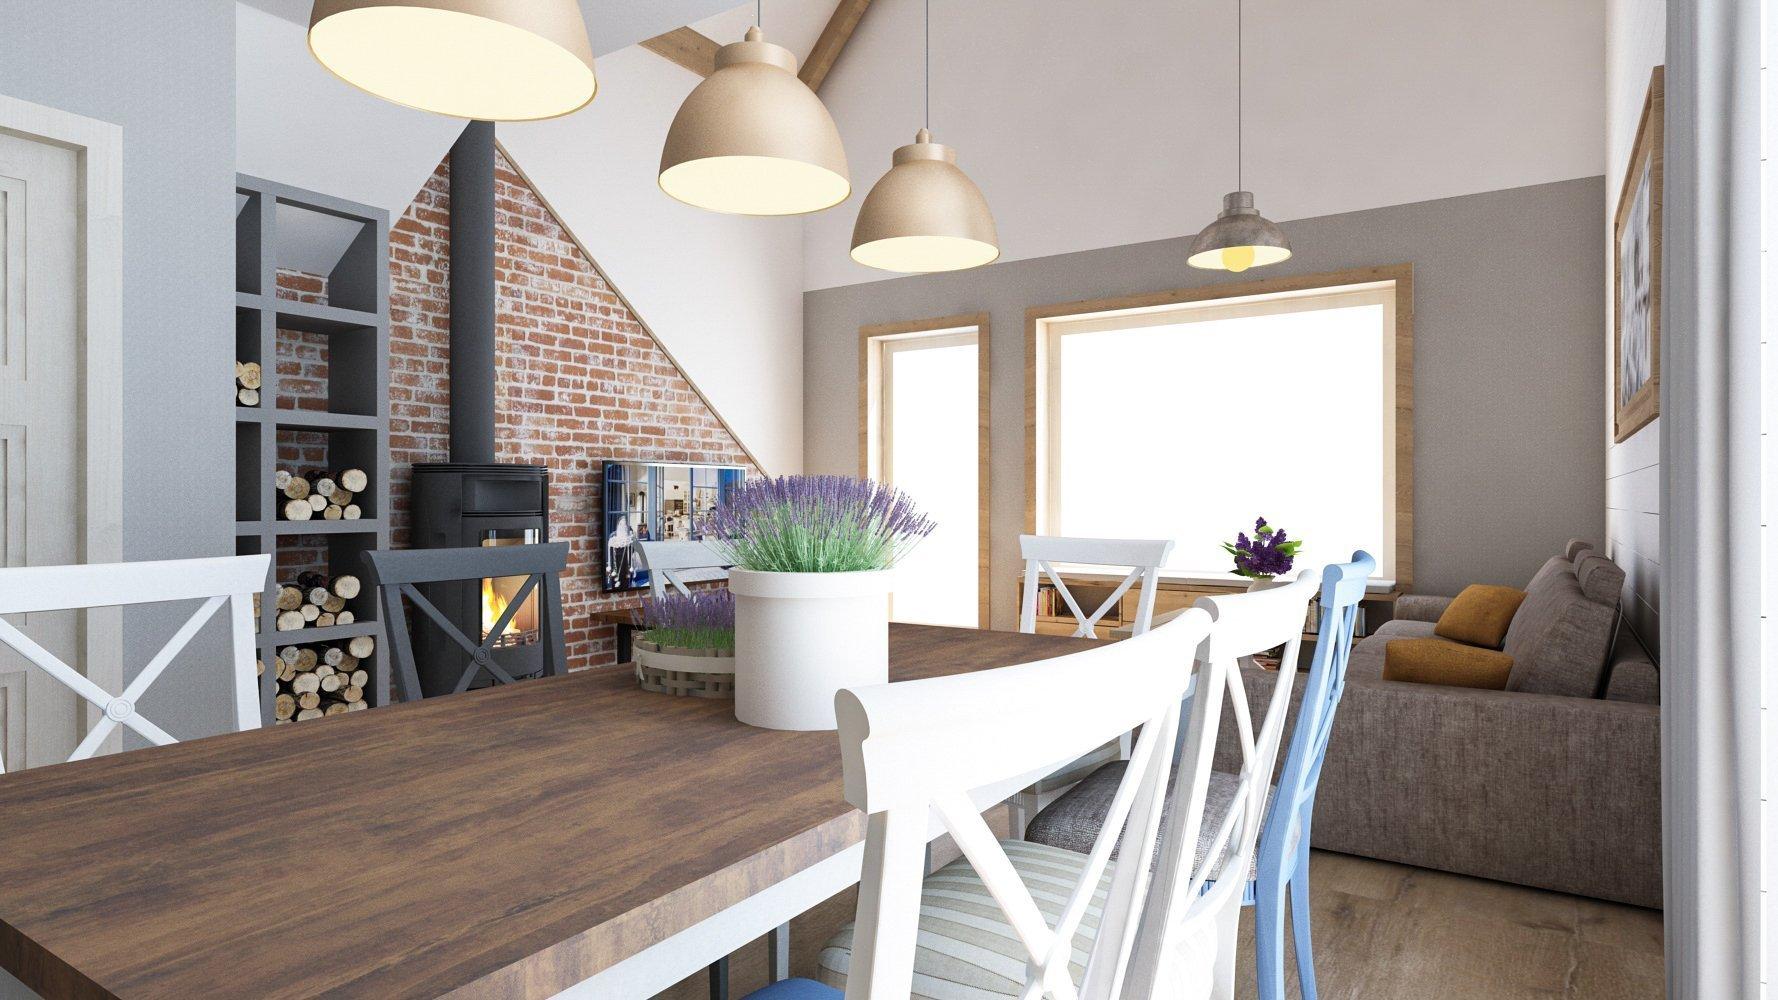 Jedná se o návrh interiéru v novostavbě pro slovenského zákazníka. Venkovský styl koresponduje s lokalitou, ve které se bude dům stavět a proto byly zvoleny…